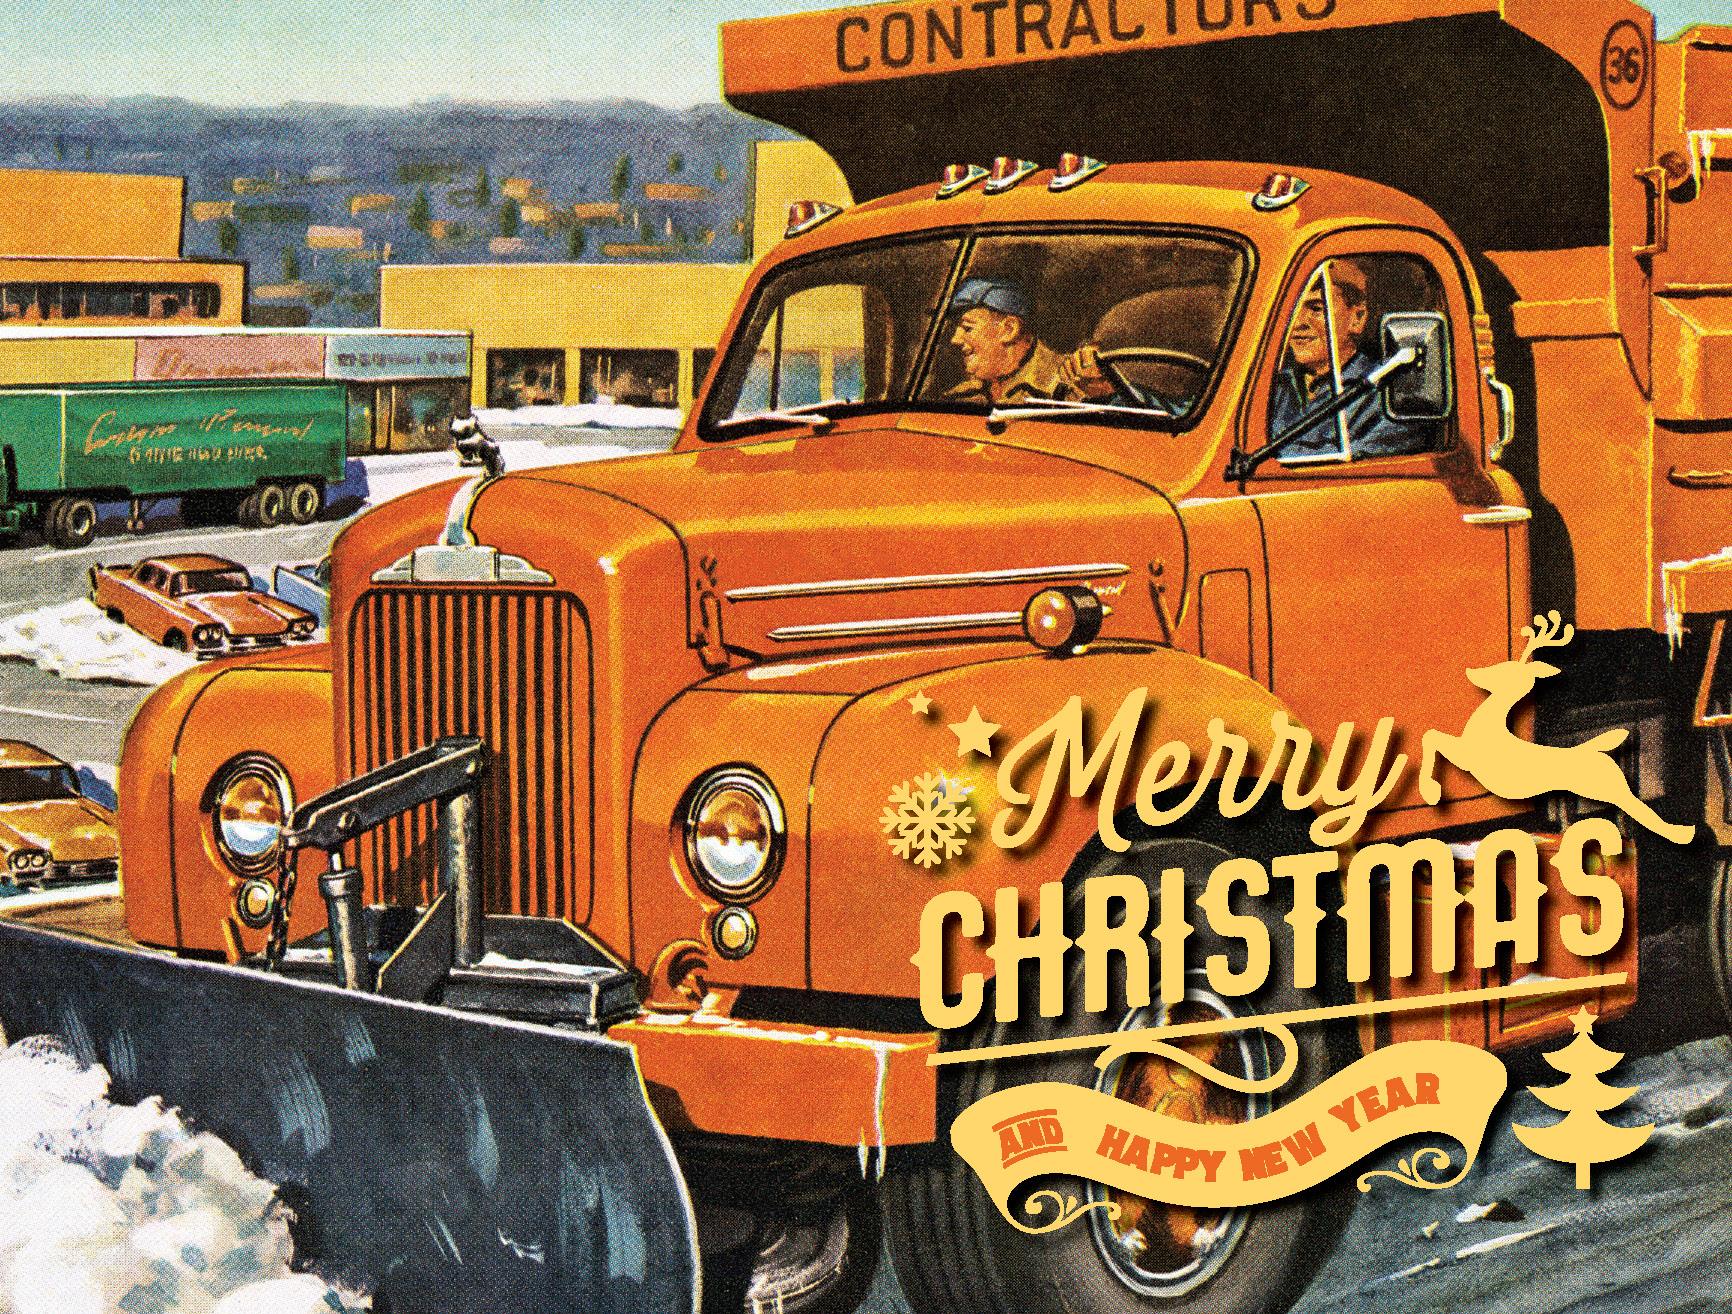 Working Christmas